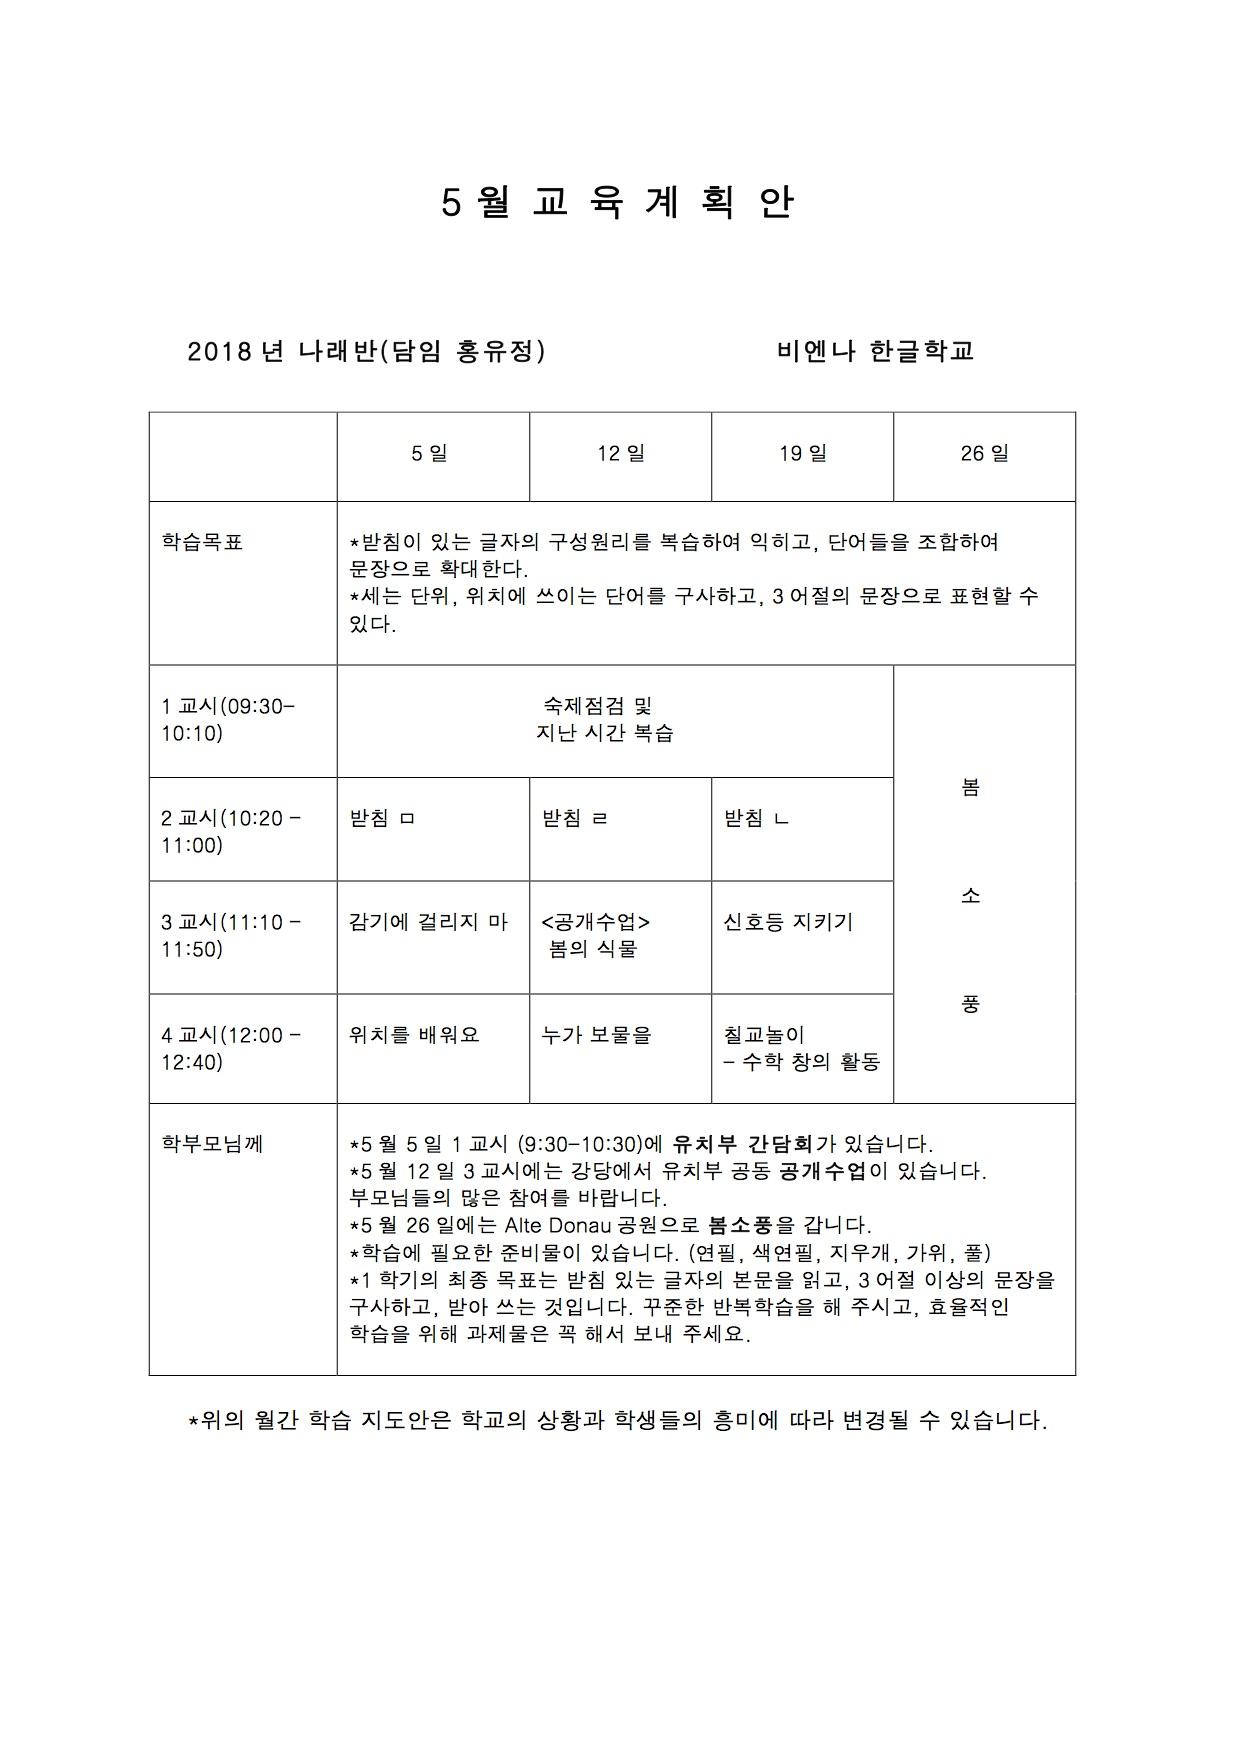 2018 5월 교 육 계 획 안 복사본.jpg